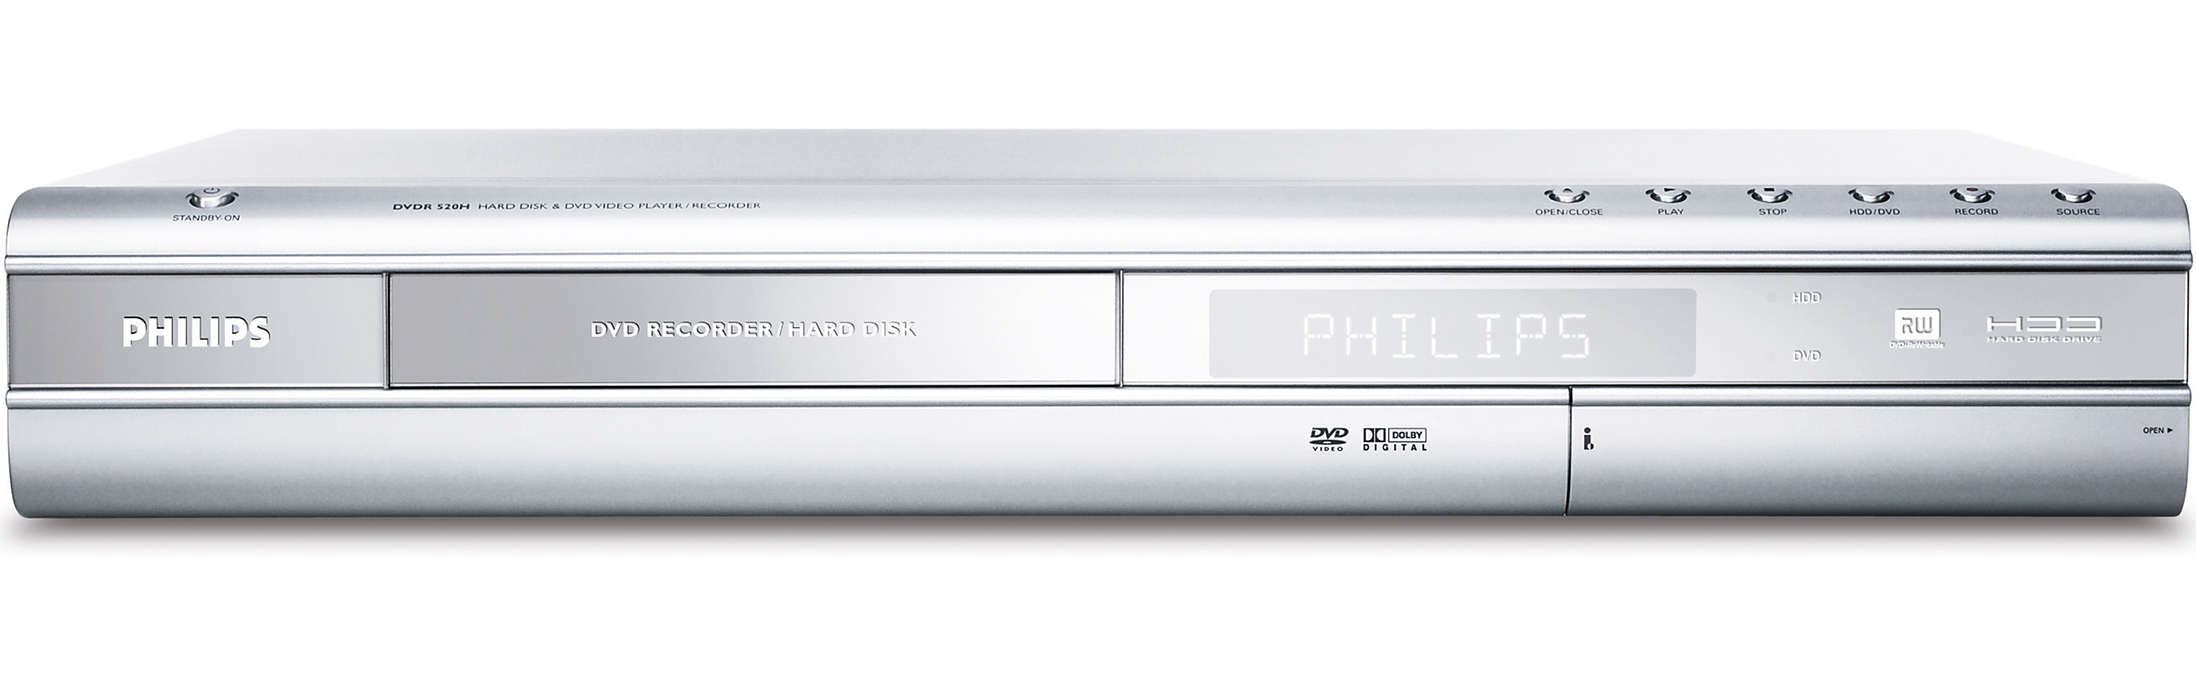 Enregistreur DVD/disque dur